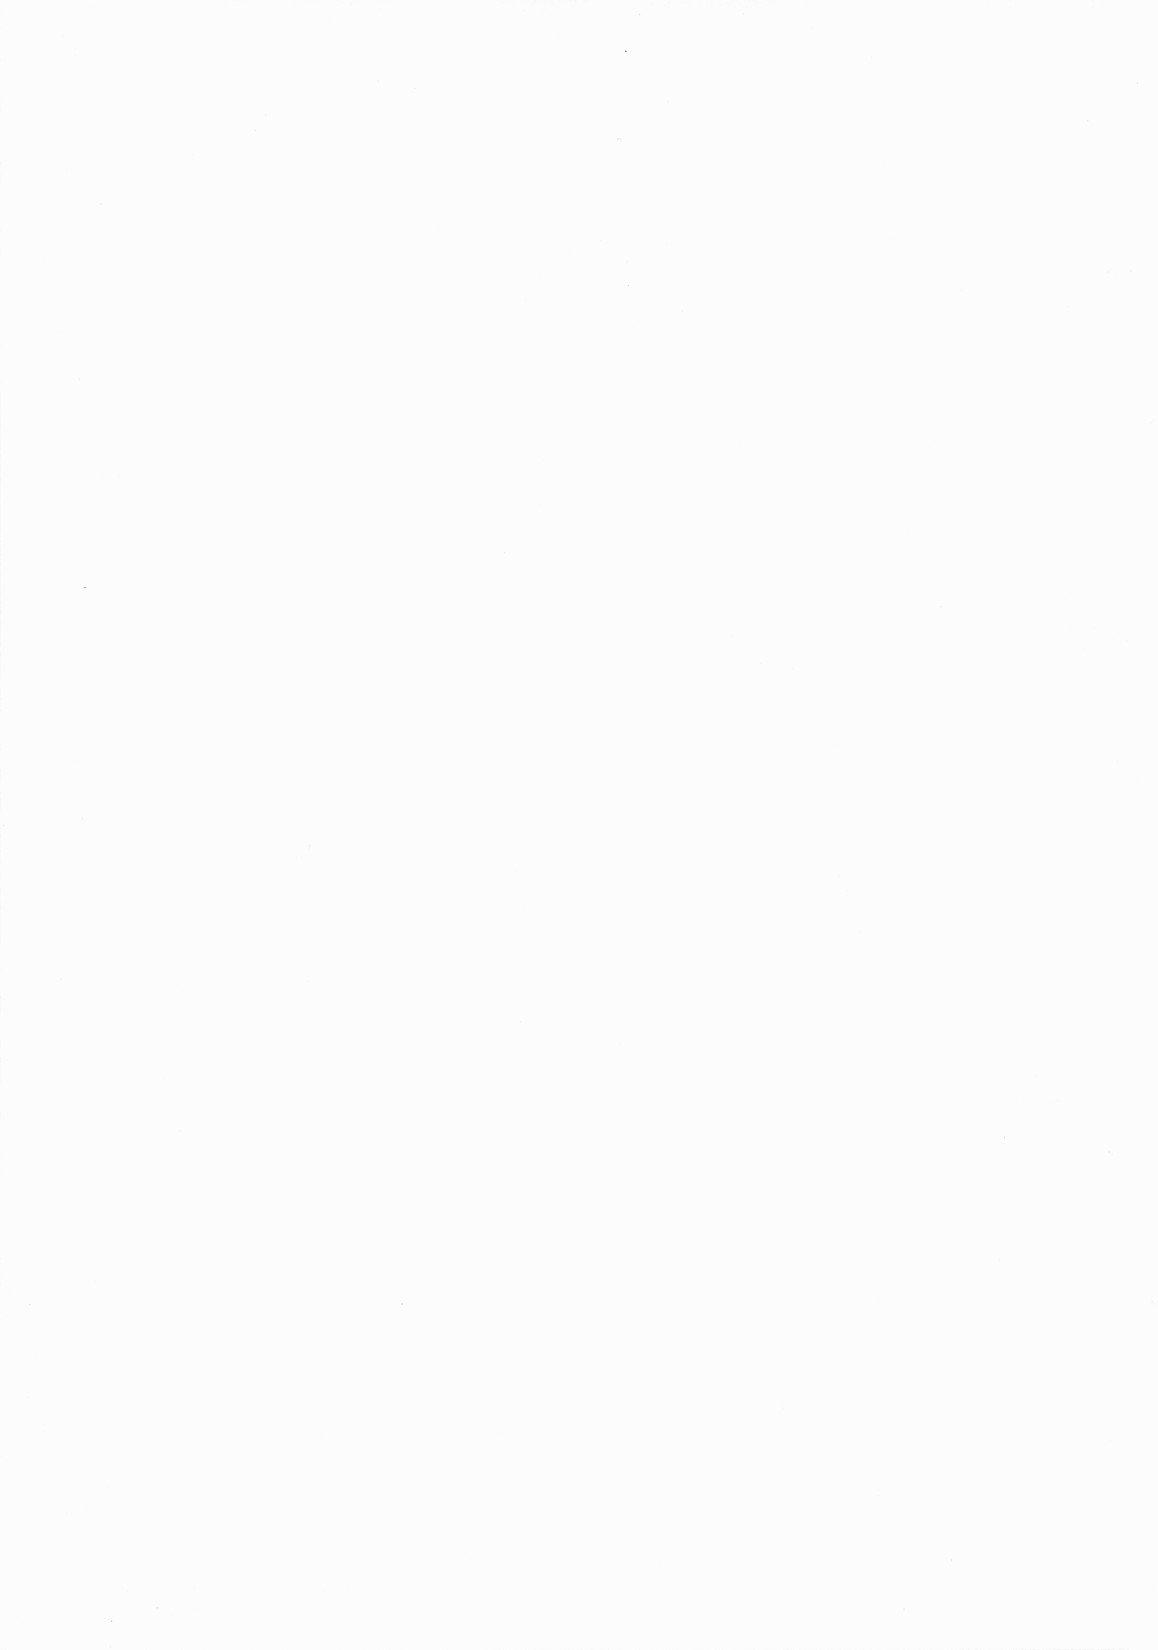 【ロウきゅーぶ!エロ同人誌】パイパンちっぱいなひなたちゃんが変態さん達にだまされて夜の学校でエッチな特訓www大人のオモチャで潮吹き絶頂させられてトロトロになったロリまんこに極太ちんぽ生挿入されちゃってアナルまで犯されながらの二本差し中出しセックスで意識トブまでイカされまくってるwww【無料エロ漫画】